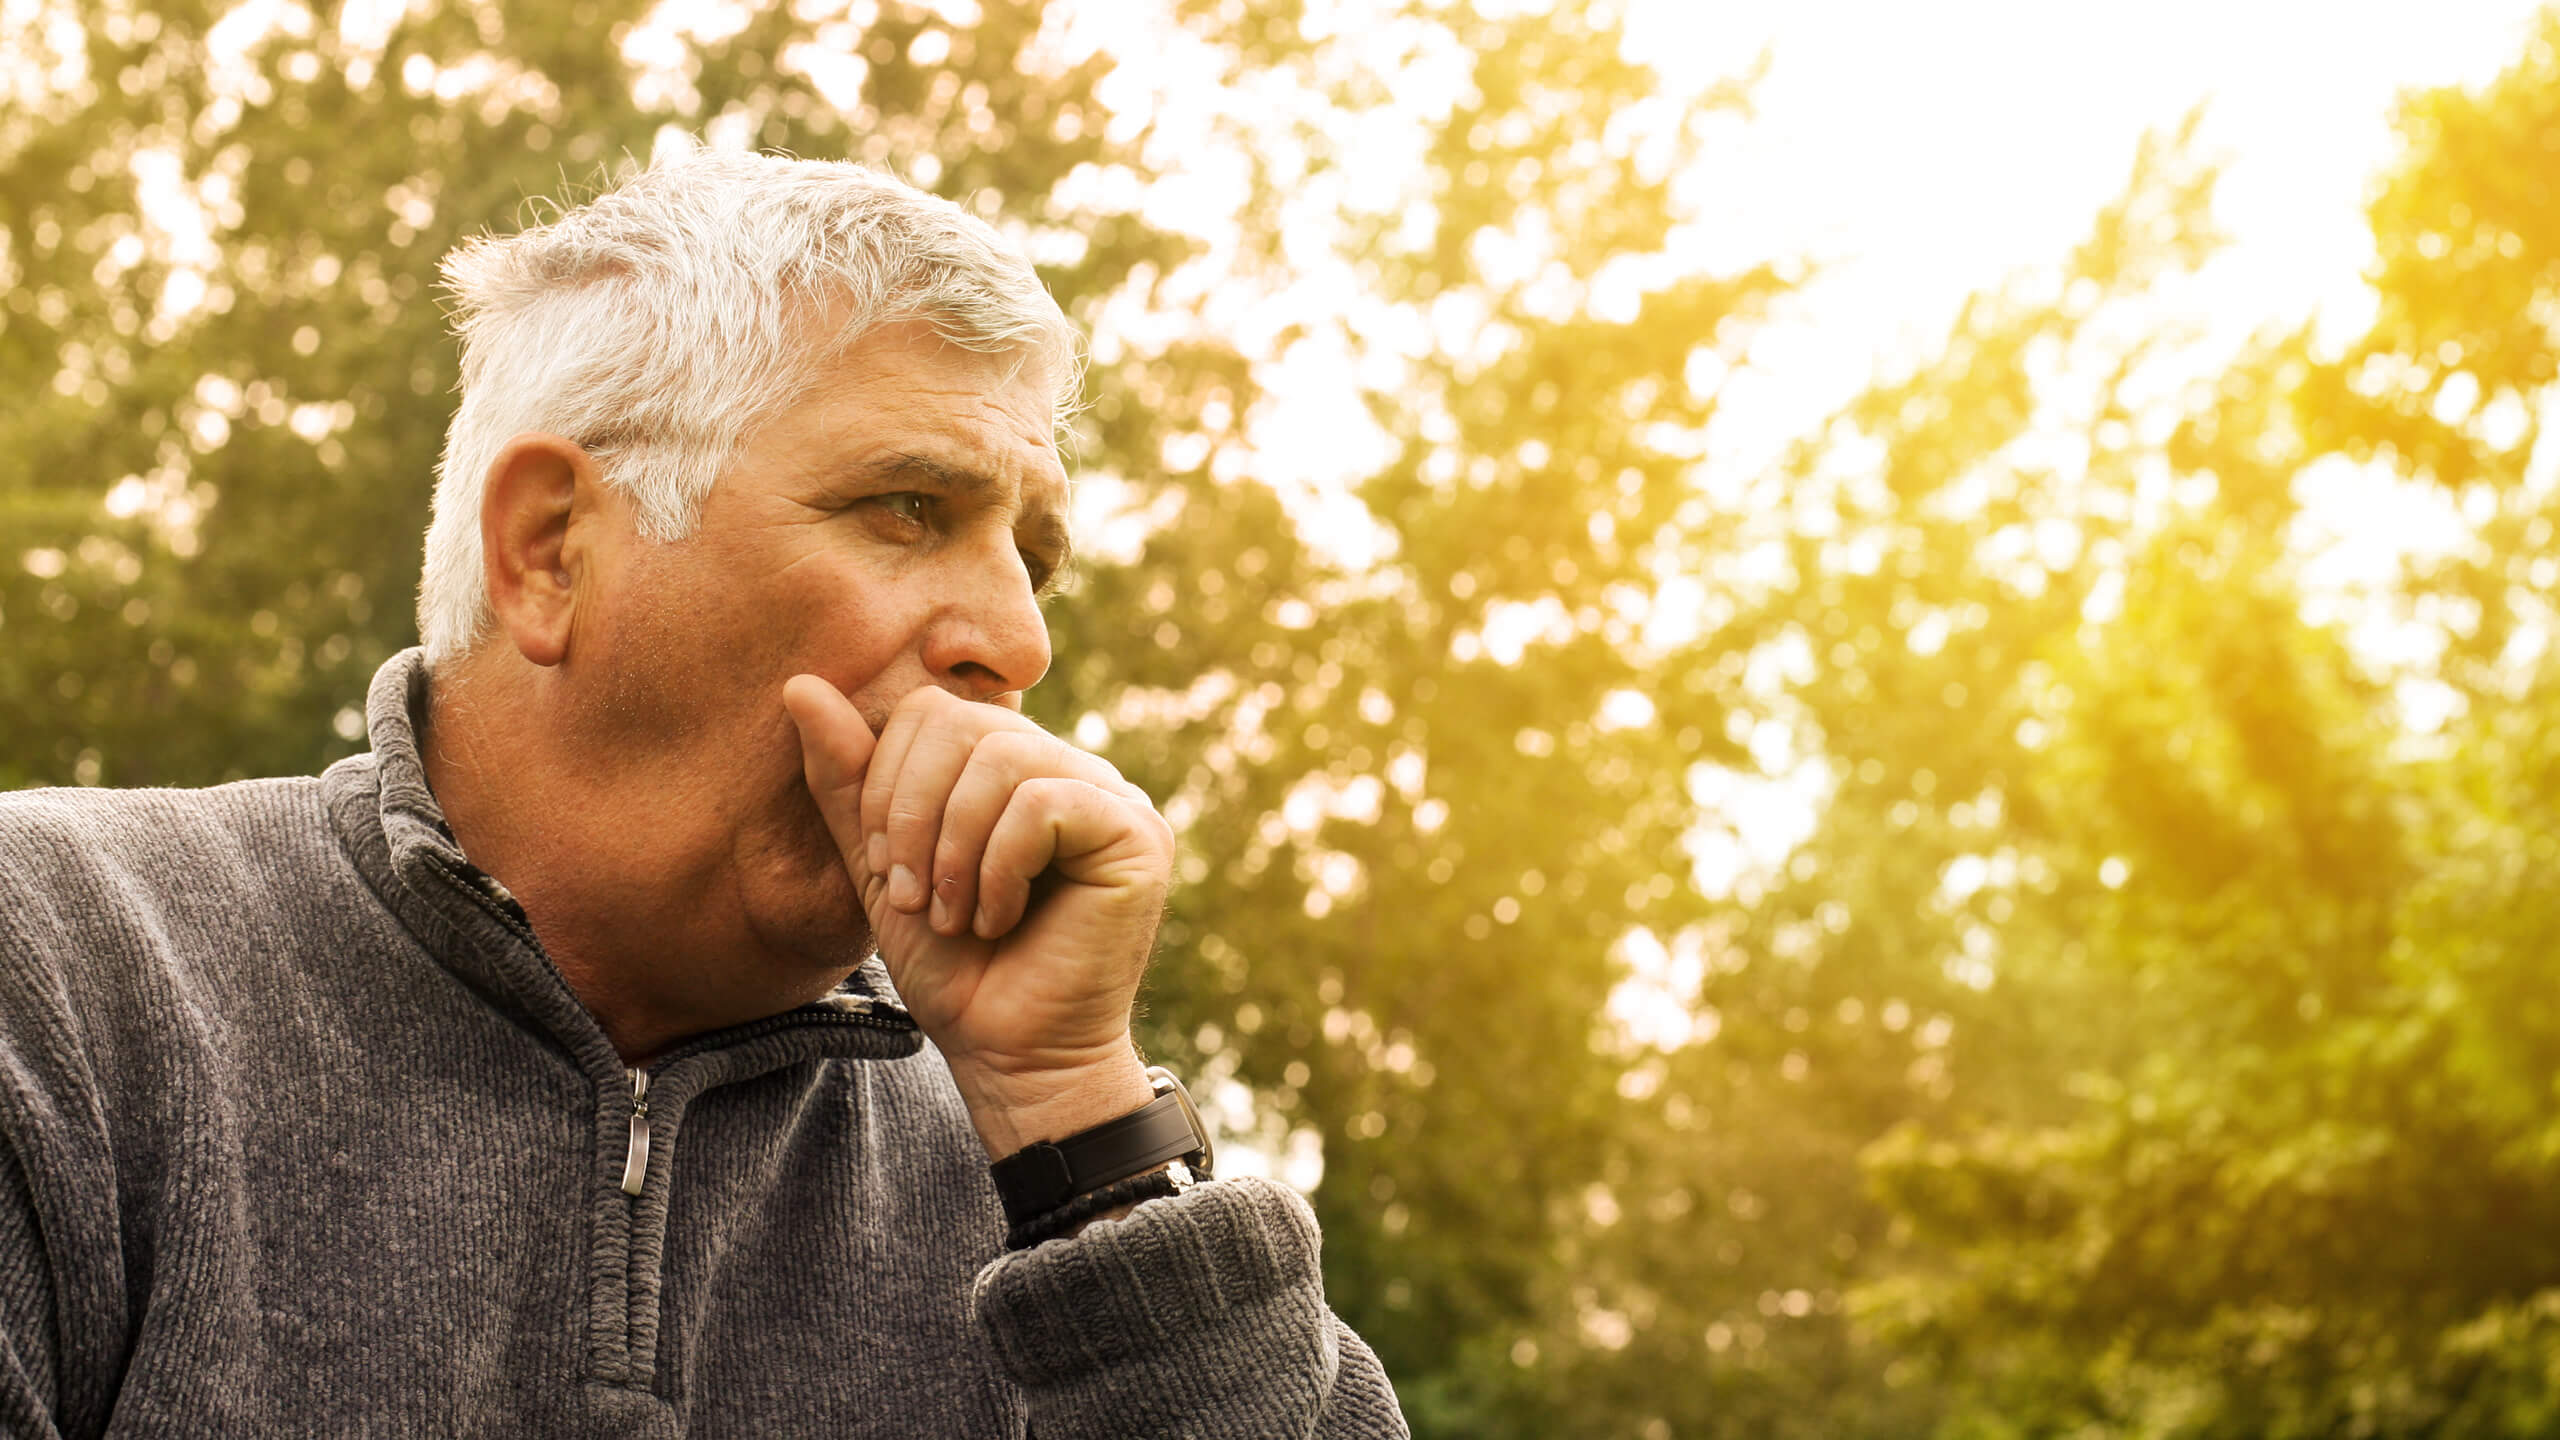 5 remèdes naturels efficaces contre la toux